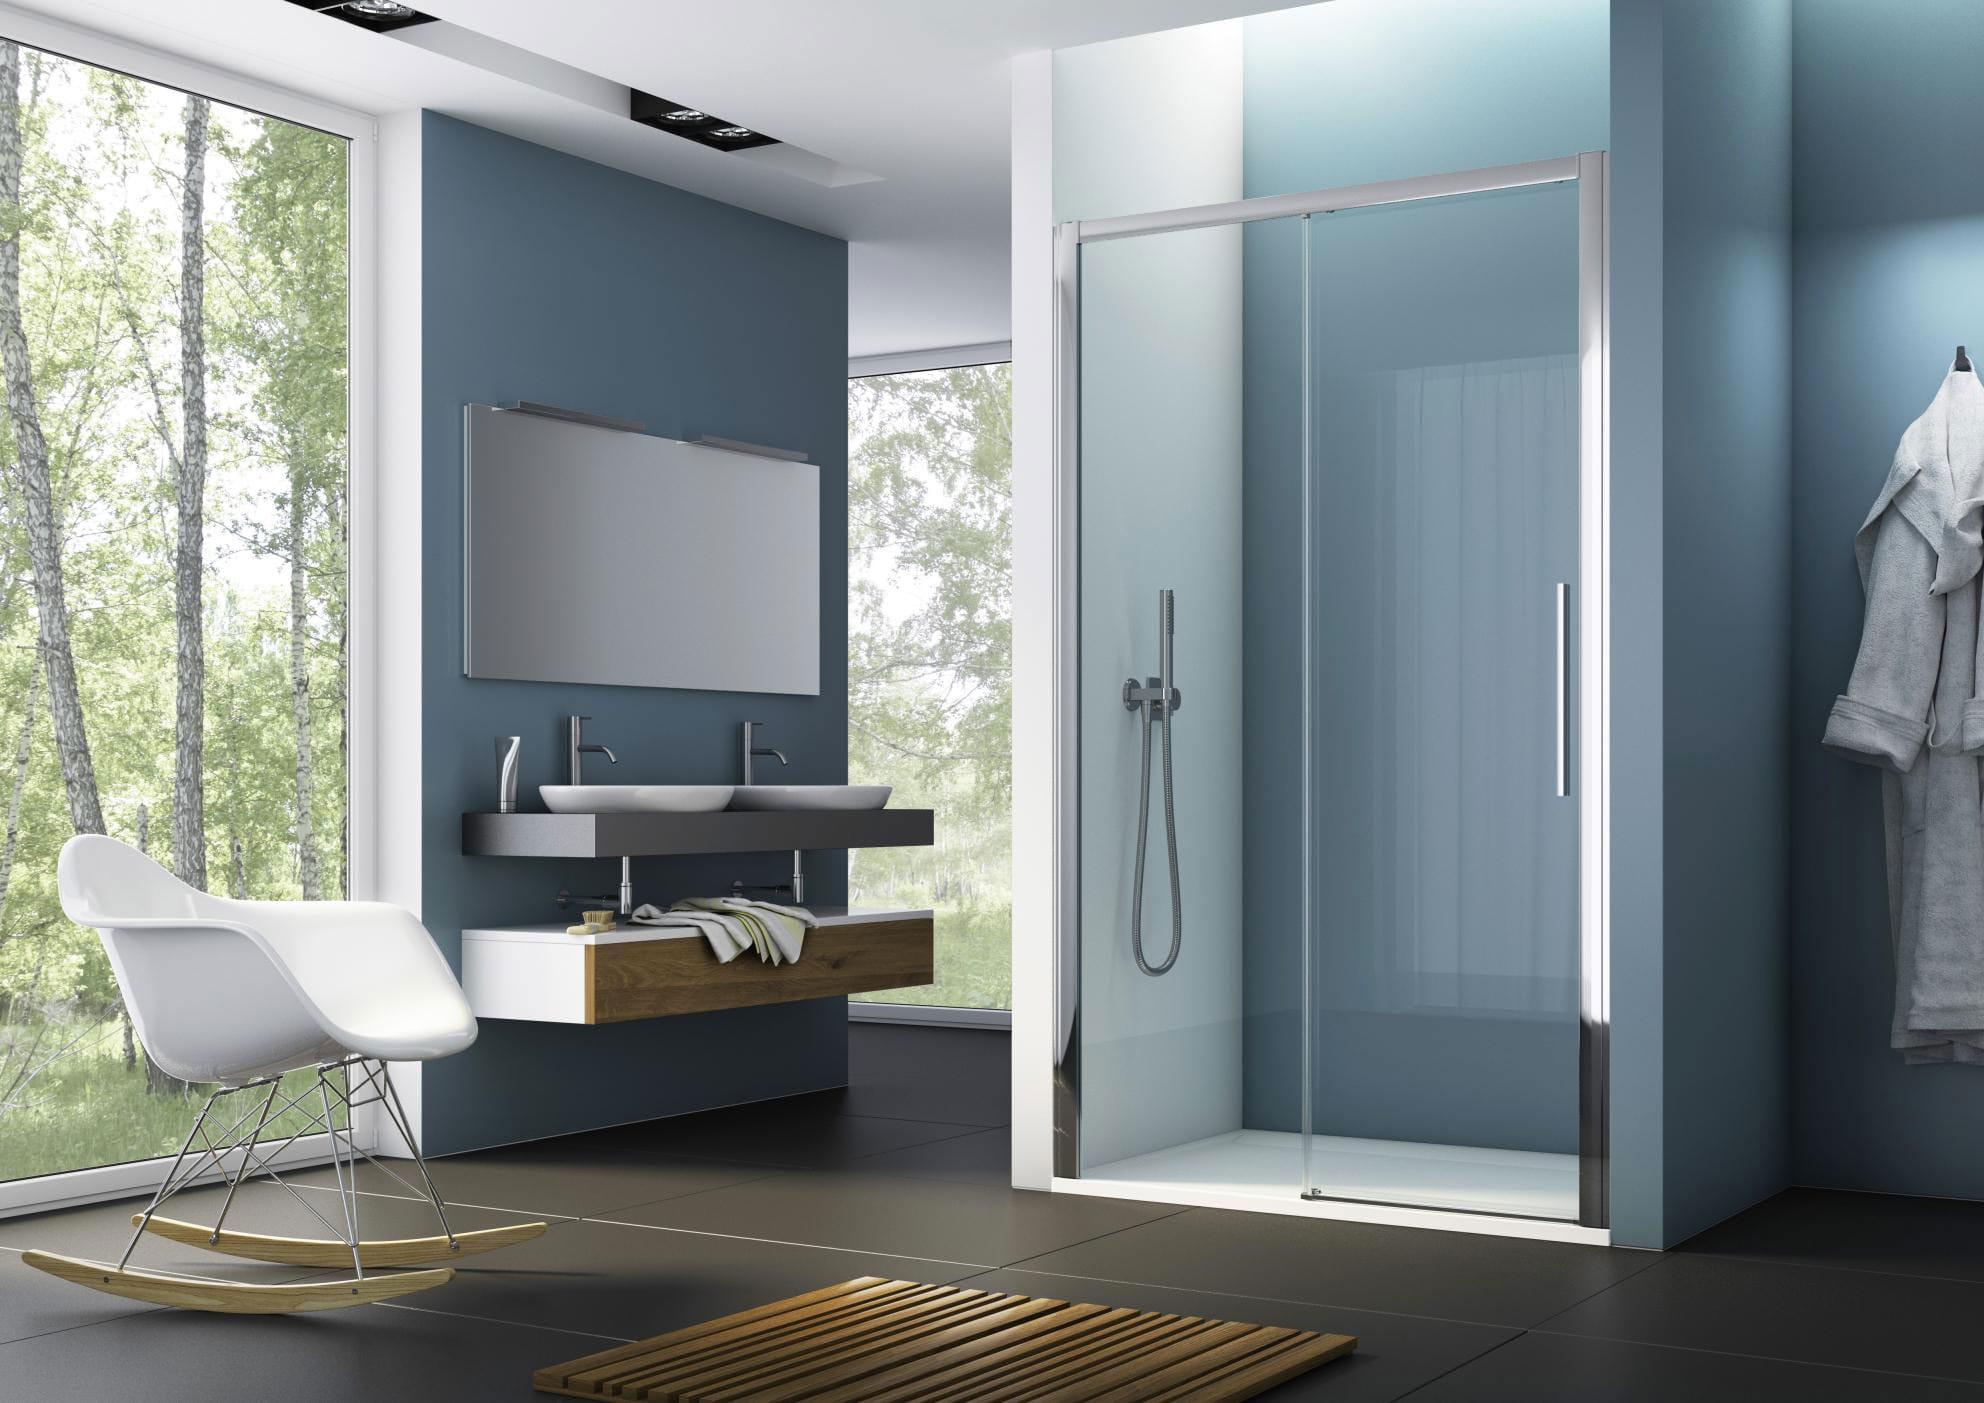 Id e agencement salle de bain lapeyre for Creer une salle de bain dans un petit espace